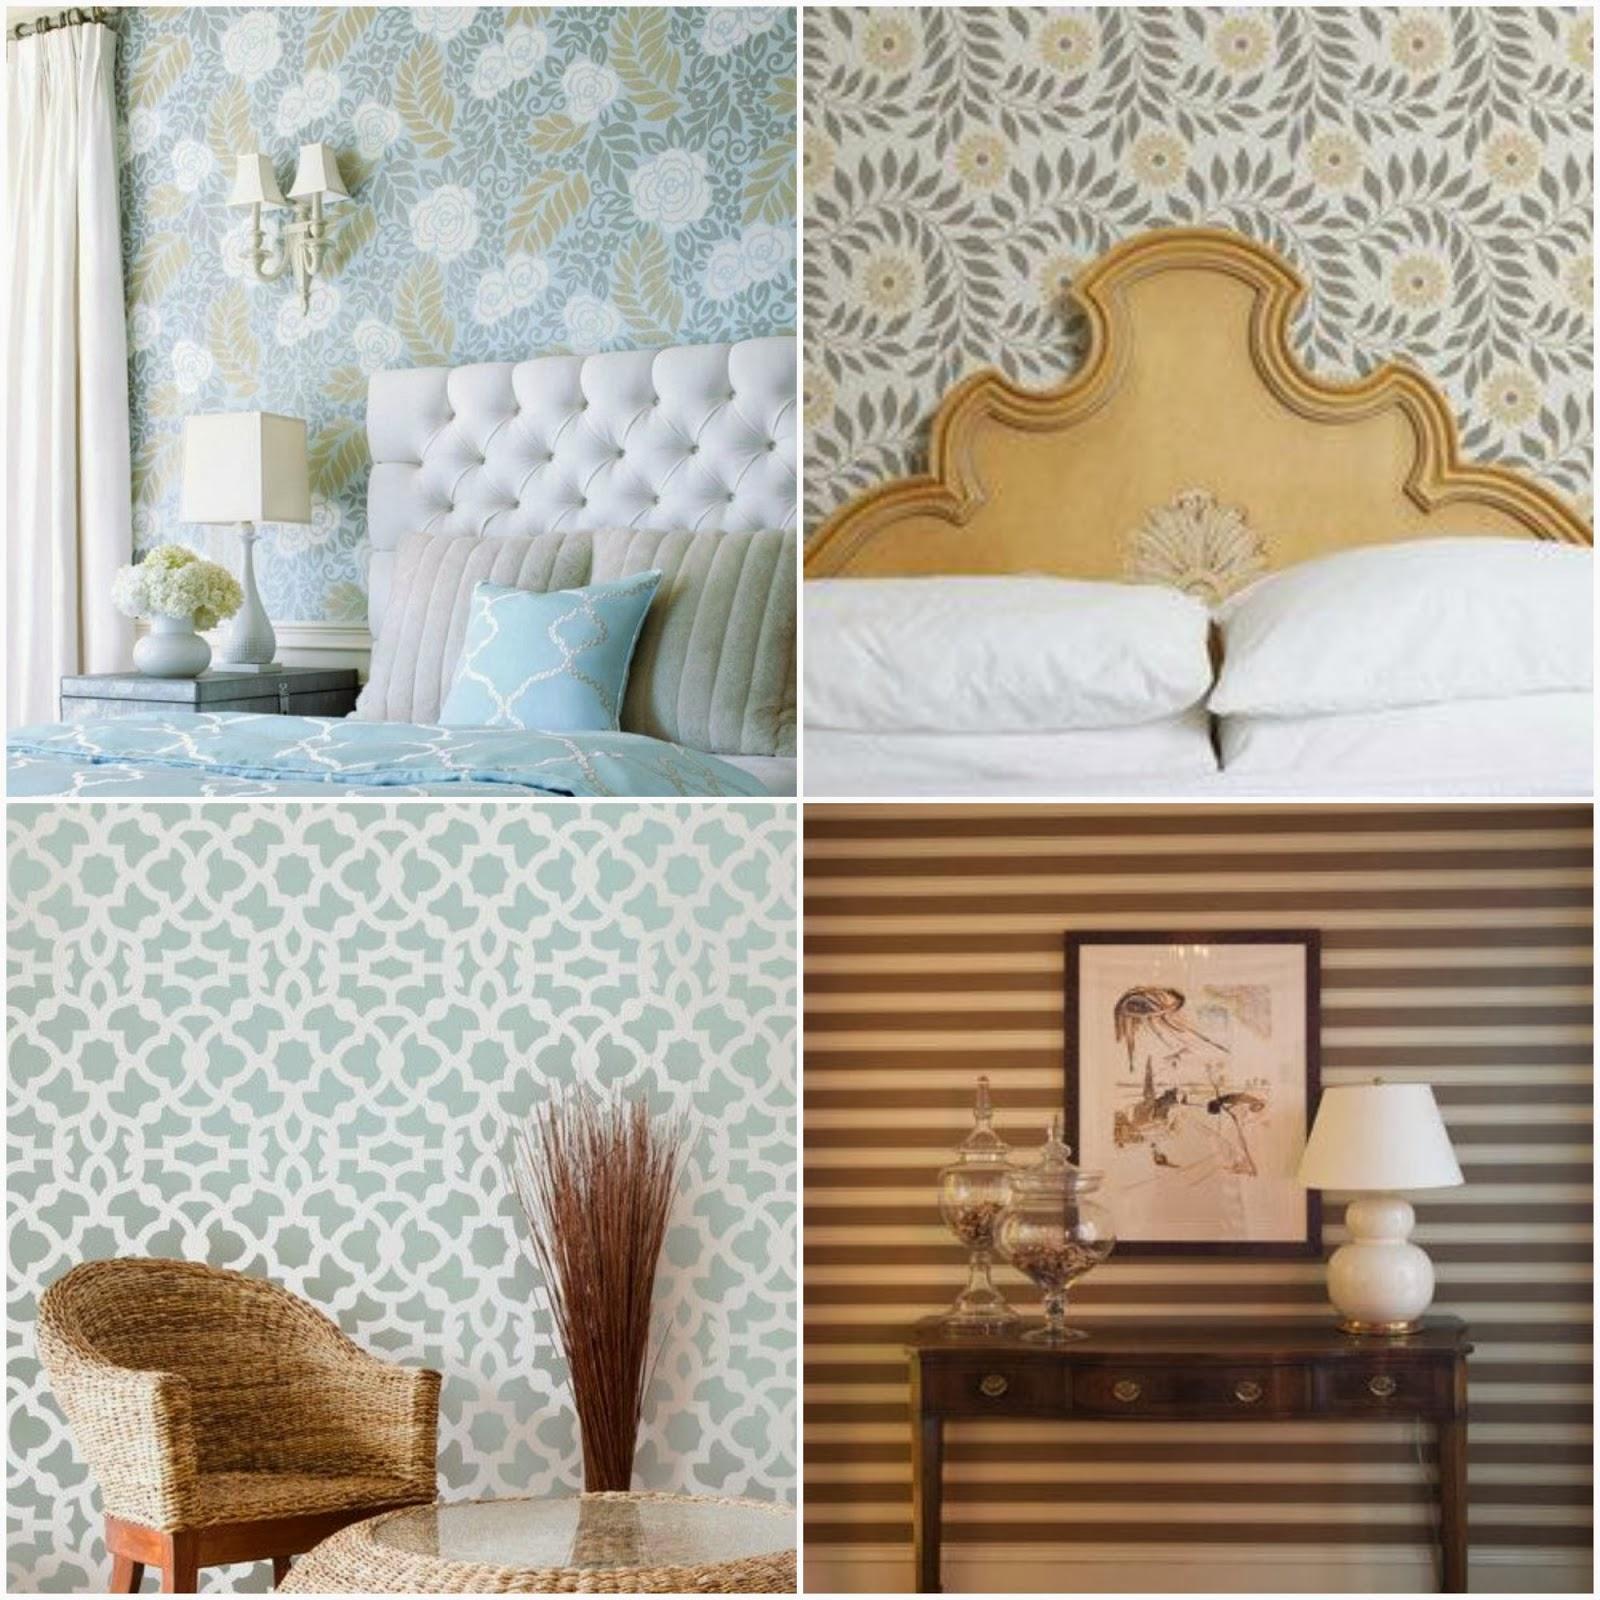 removing vinyl wallpaper from plaster walls